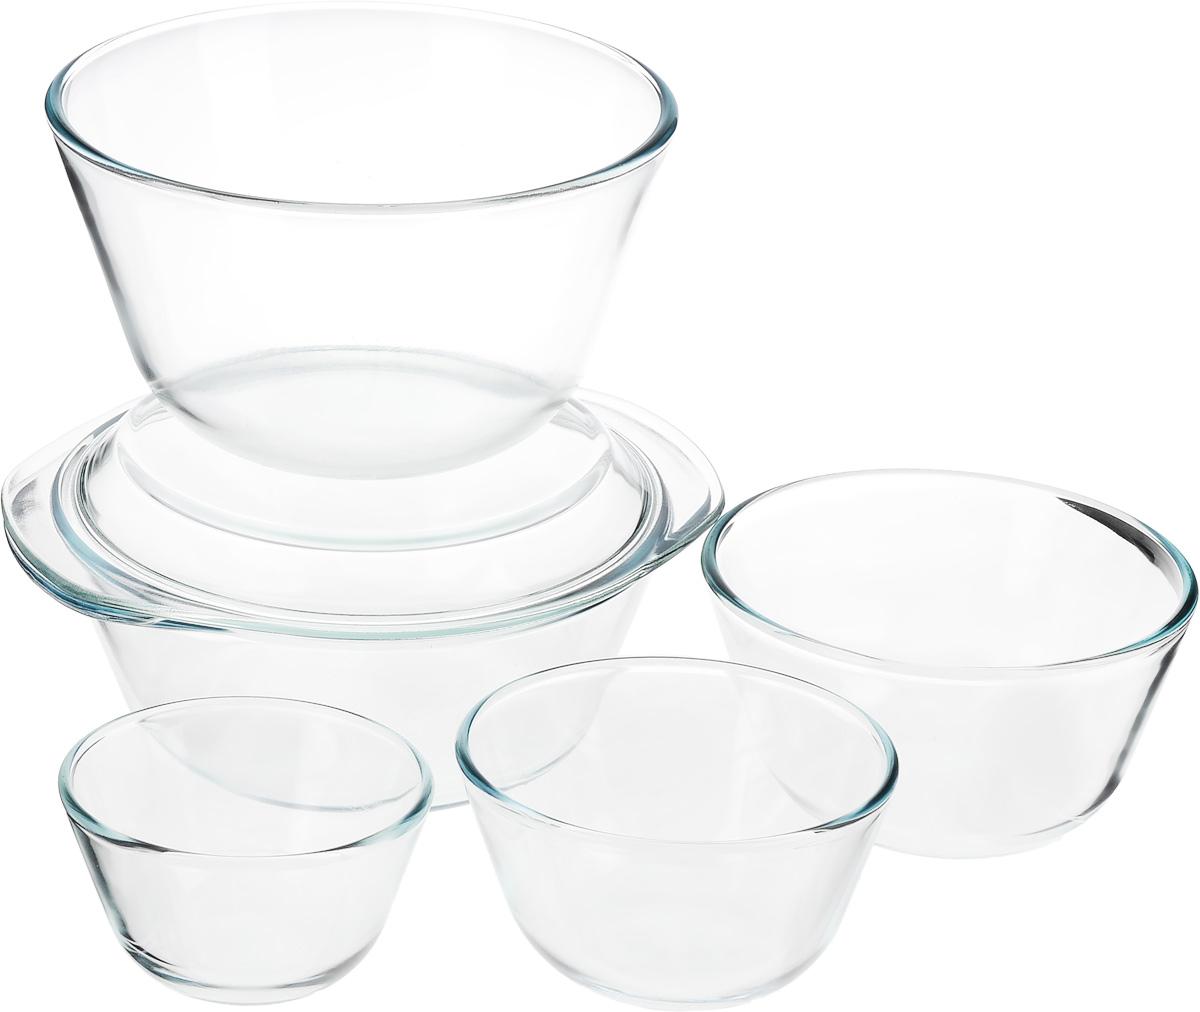 Набор термостойкой посуды Helper Gurman, 6 предметов4544Набор Helper Gurman состоит из четырех мисок и кастрюли с крышкой. Посуда изготовлена из жаропрочного стекла. Стеклянная огнеупорная посуда идеальна для приготовления блюд в духовке, микроволновой печи, а также для хранения продуктов в холодильнике и морозильной камере. Безопасна с точки зрения экологии. Не вступает в реакции с готовящейся пищей, не боится кислот и солей. Не ржавеет, в ней не появляется накипь. Не впитывает запахи и жир. Благодаря прозрачности стекла, за едой можно наблюдать при ее готовке. Изделия оснащены небольшими ручками.Можно мыть в посудомоечной машине.Объем мисок: 400 мл, 650 мл, 1,25 л, 3 л.Диаметр мисок: 11,5 см, 12,5 см, 16 см, 21,5 см.Высота стенки мисок: 6,5 см, 7,5 см, 9 см, 12 см.Объем кастрюли: 2,3 л.Диаметр кастрюли: 22 см.Высота стенки кастрюли: 8,5 см.